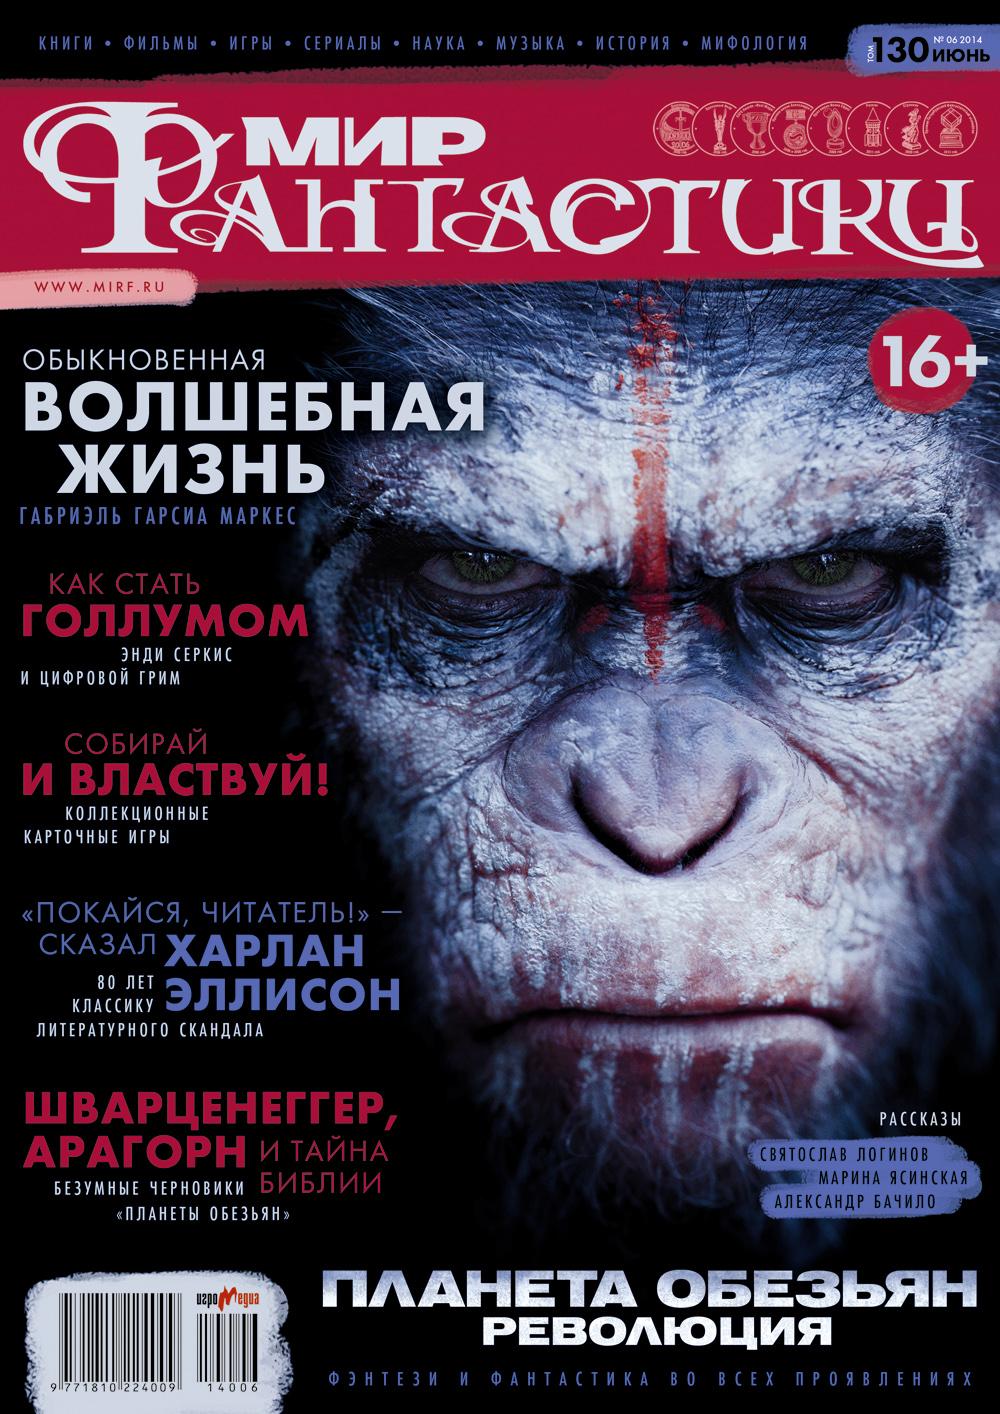 Архив номеров журнала «Мир фантастики» 136